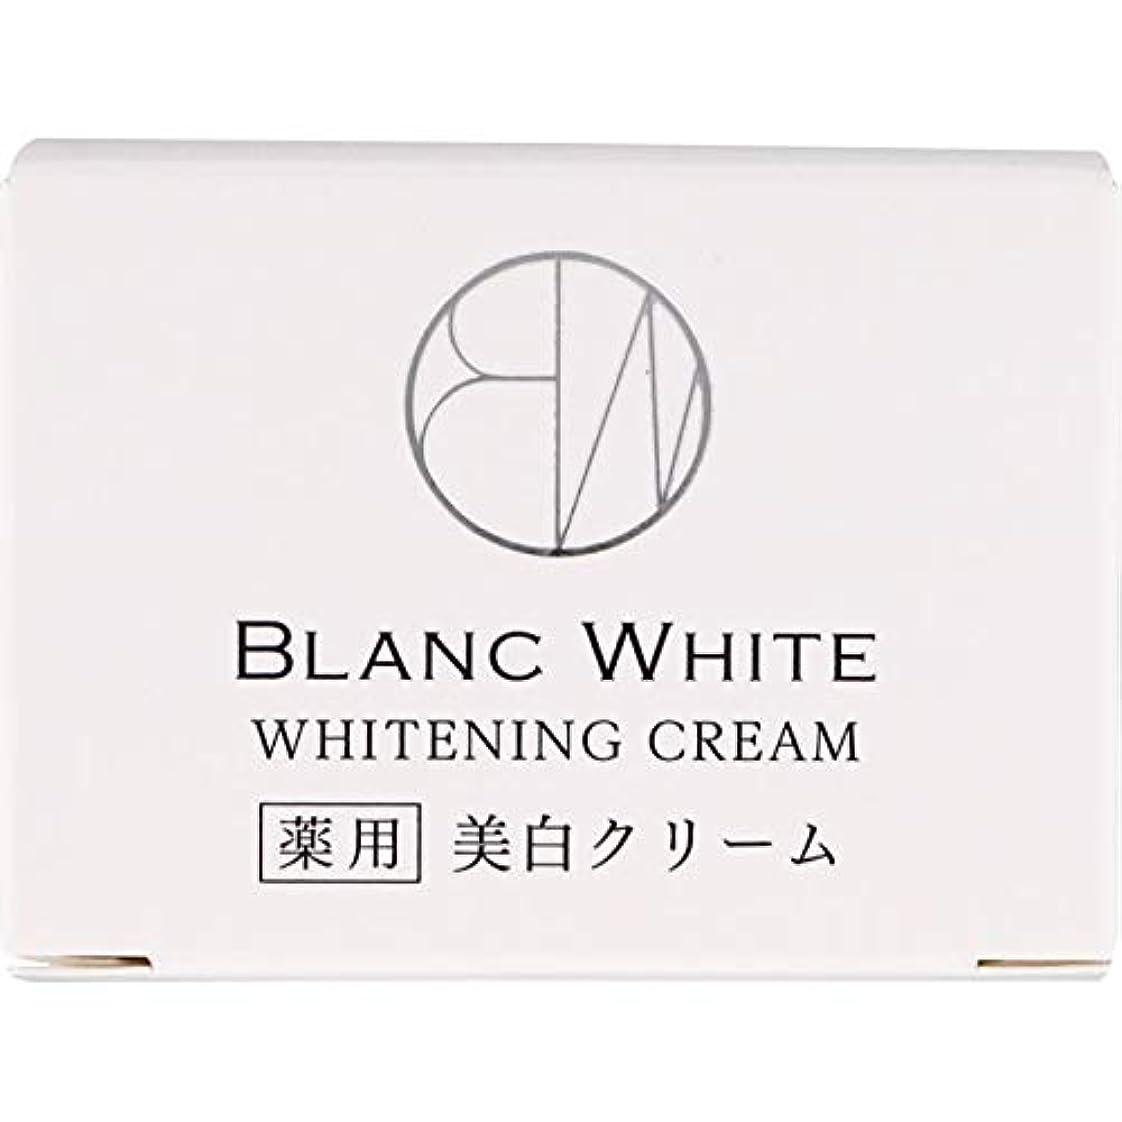 変装トーンシェードブランホワイト ホワイトニング クリーム 45g